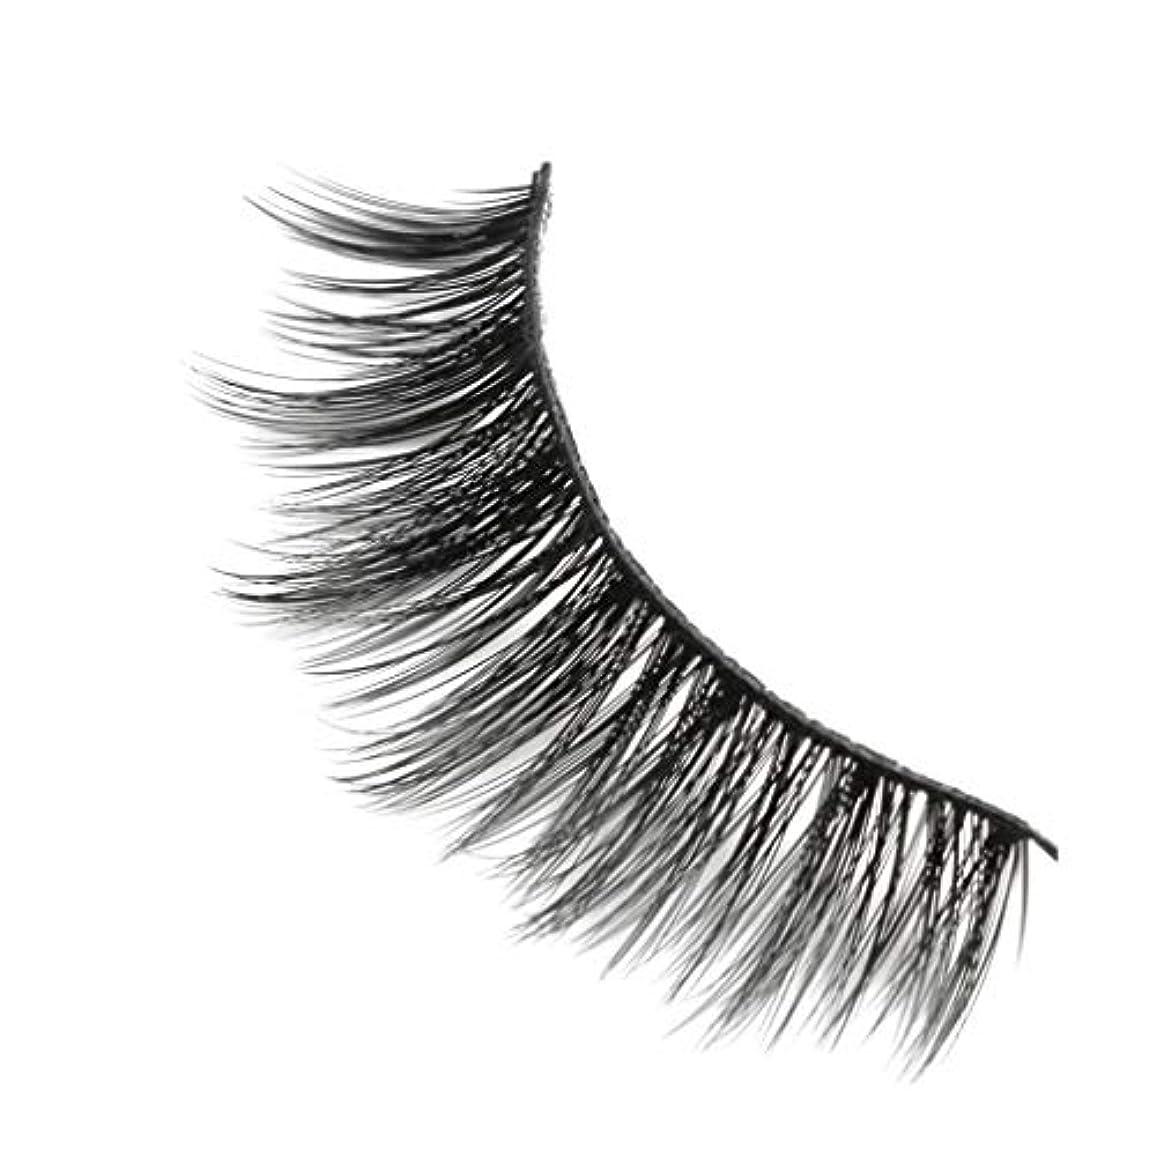 マージン規範本物柔らかい長い巻き毛と歪んだ多くの層まつげと3Dミンクの毛皮の10ペア